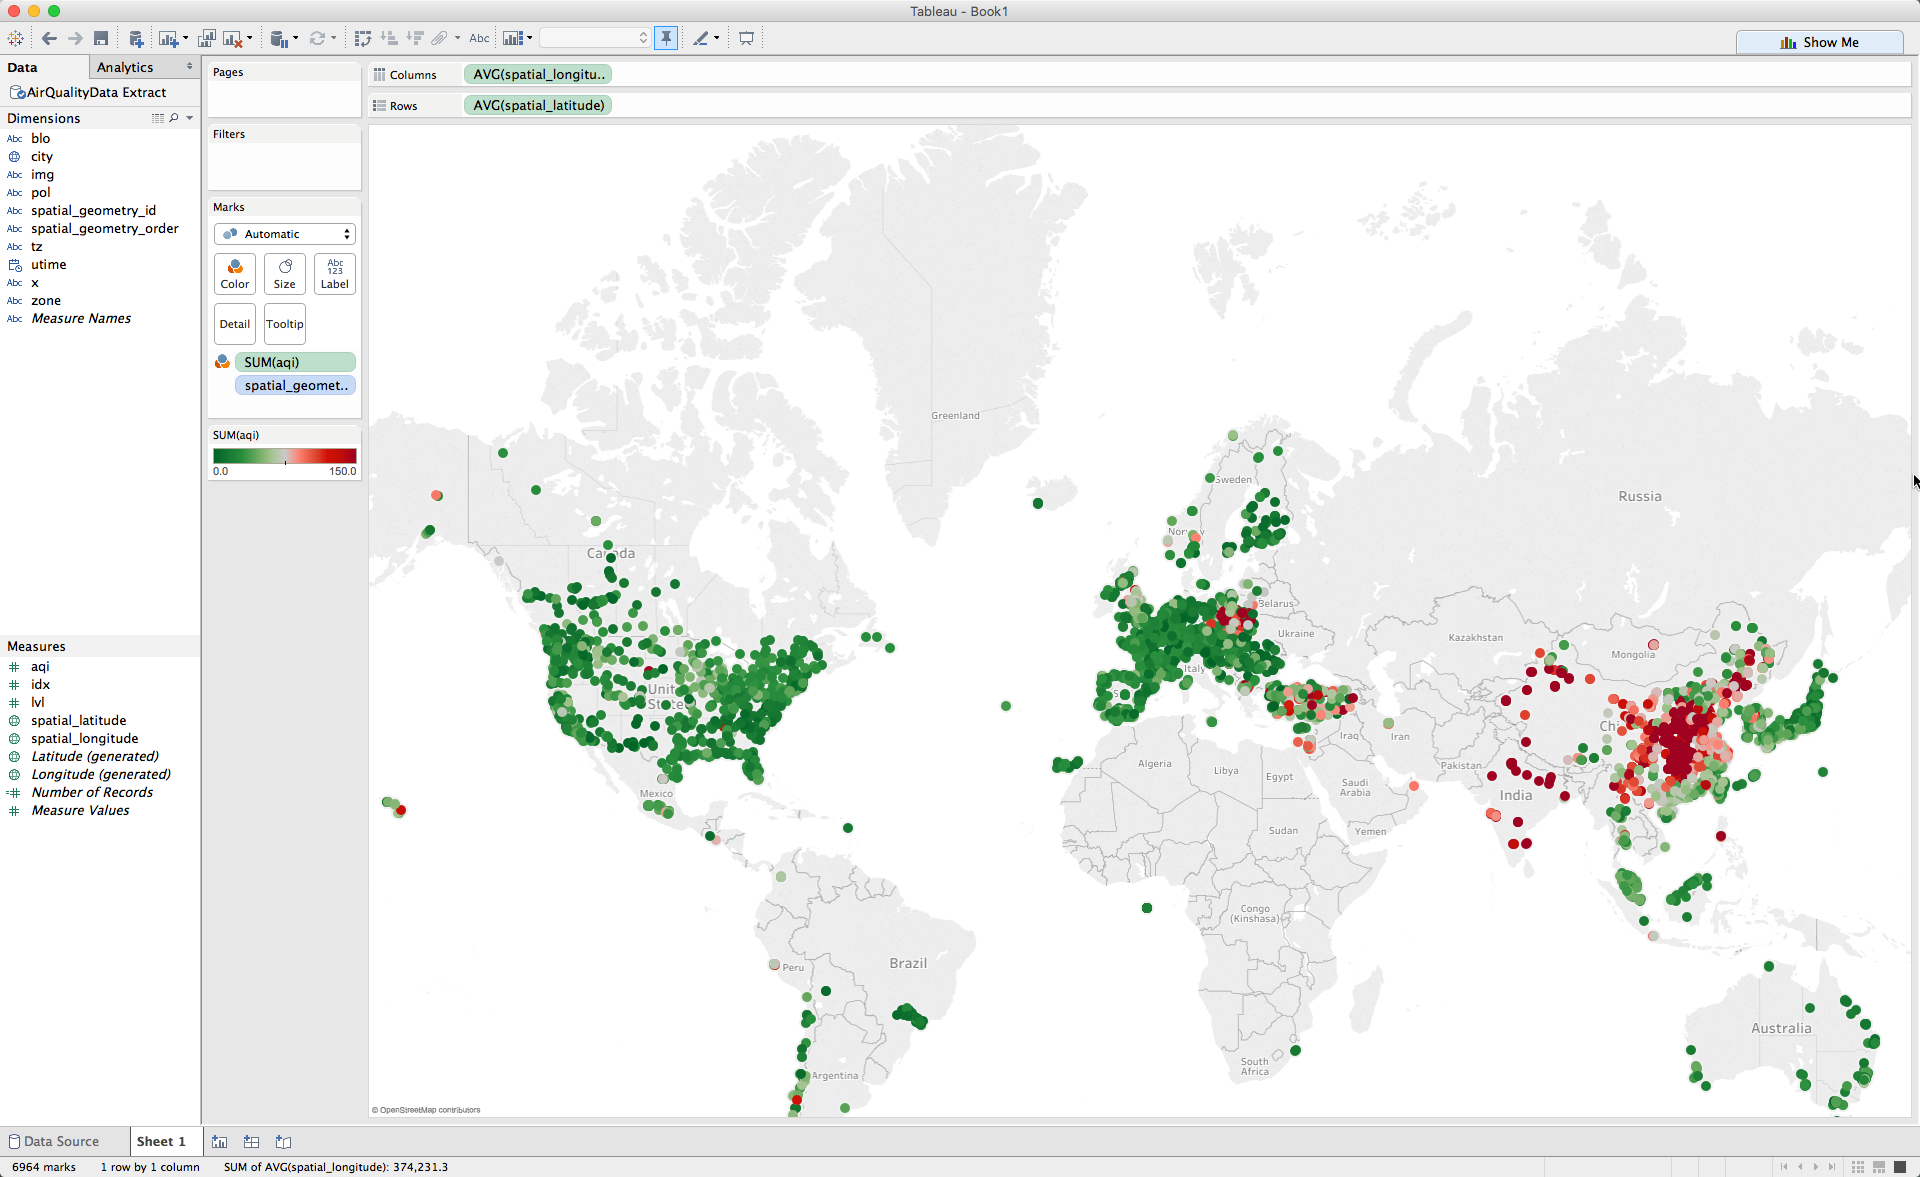 Spatial analysis workflow in Tableau